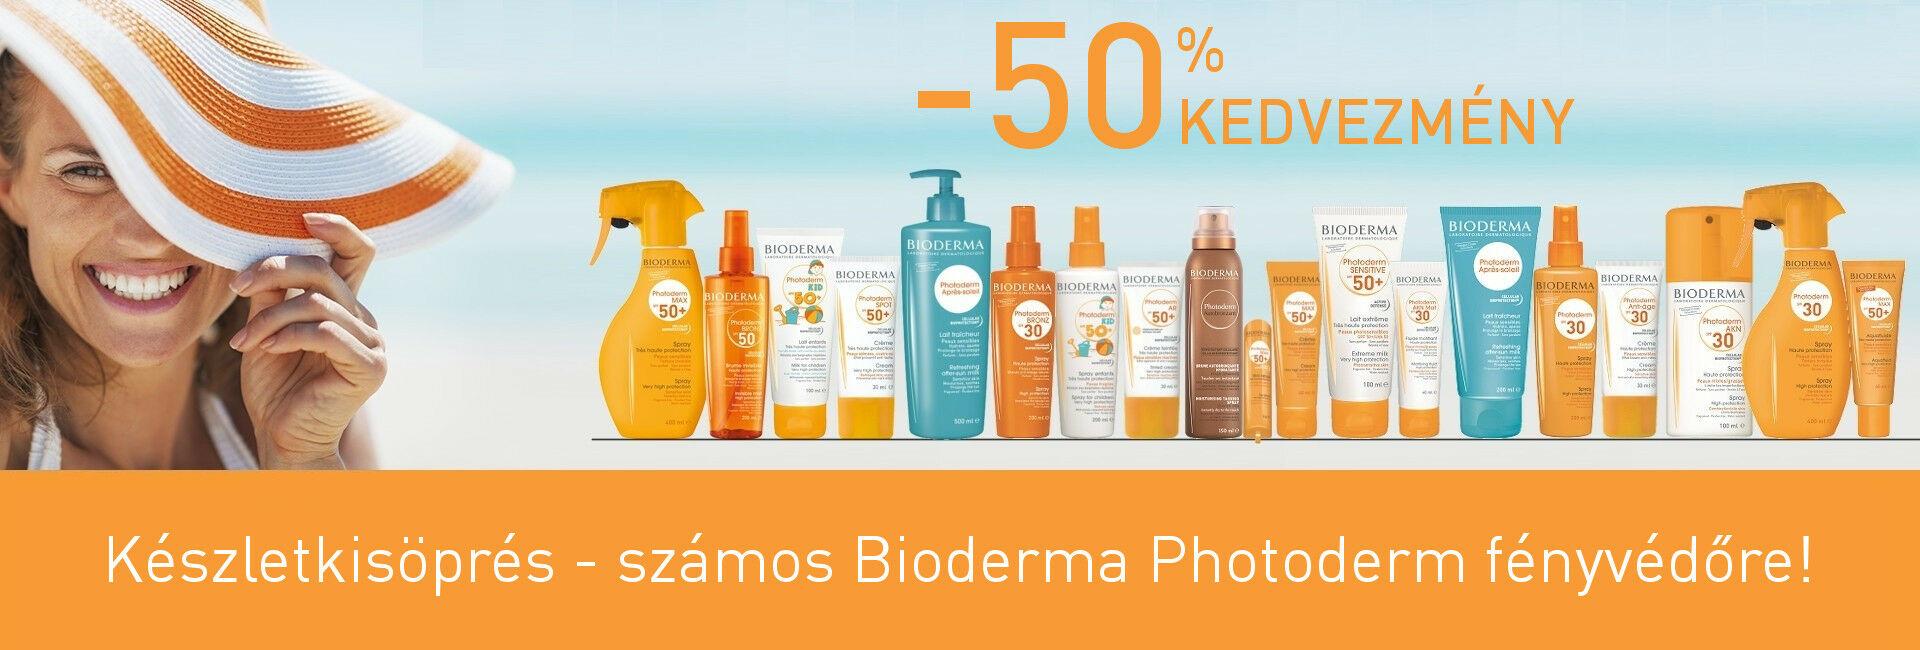 Számos Bioderma Photoderm fényvédőt 50% kedvezménnyel kínálunk!